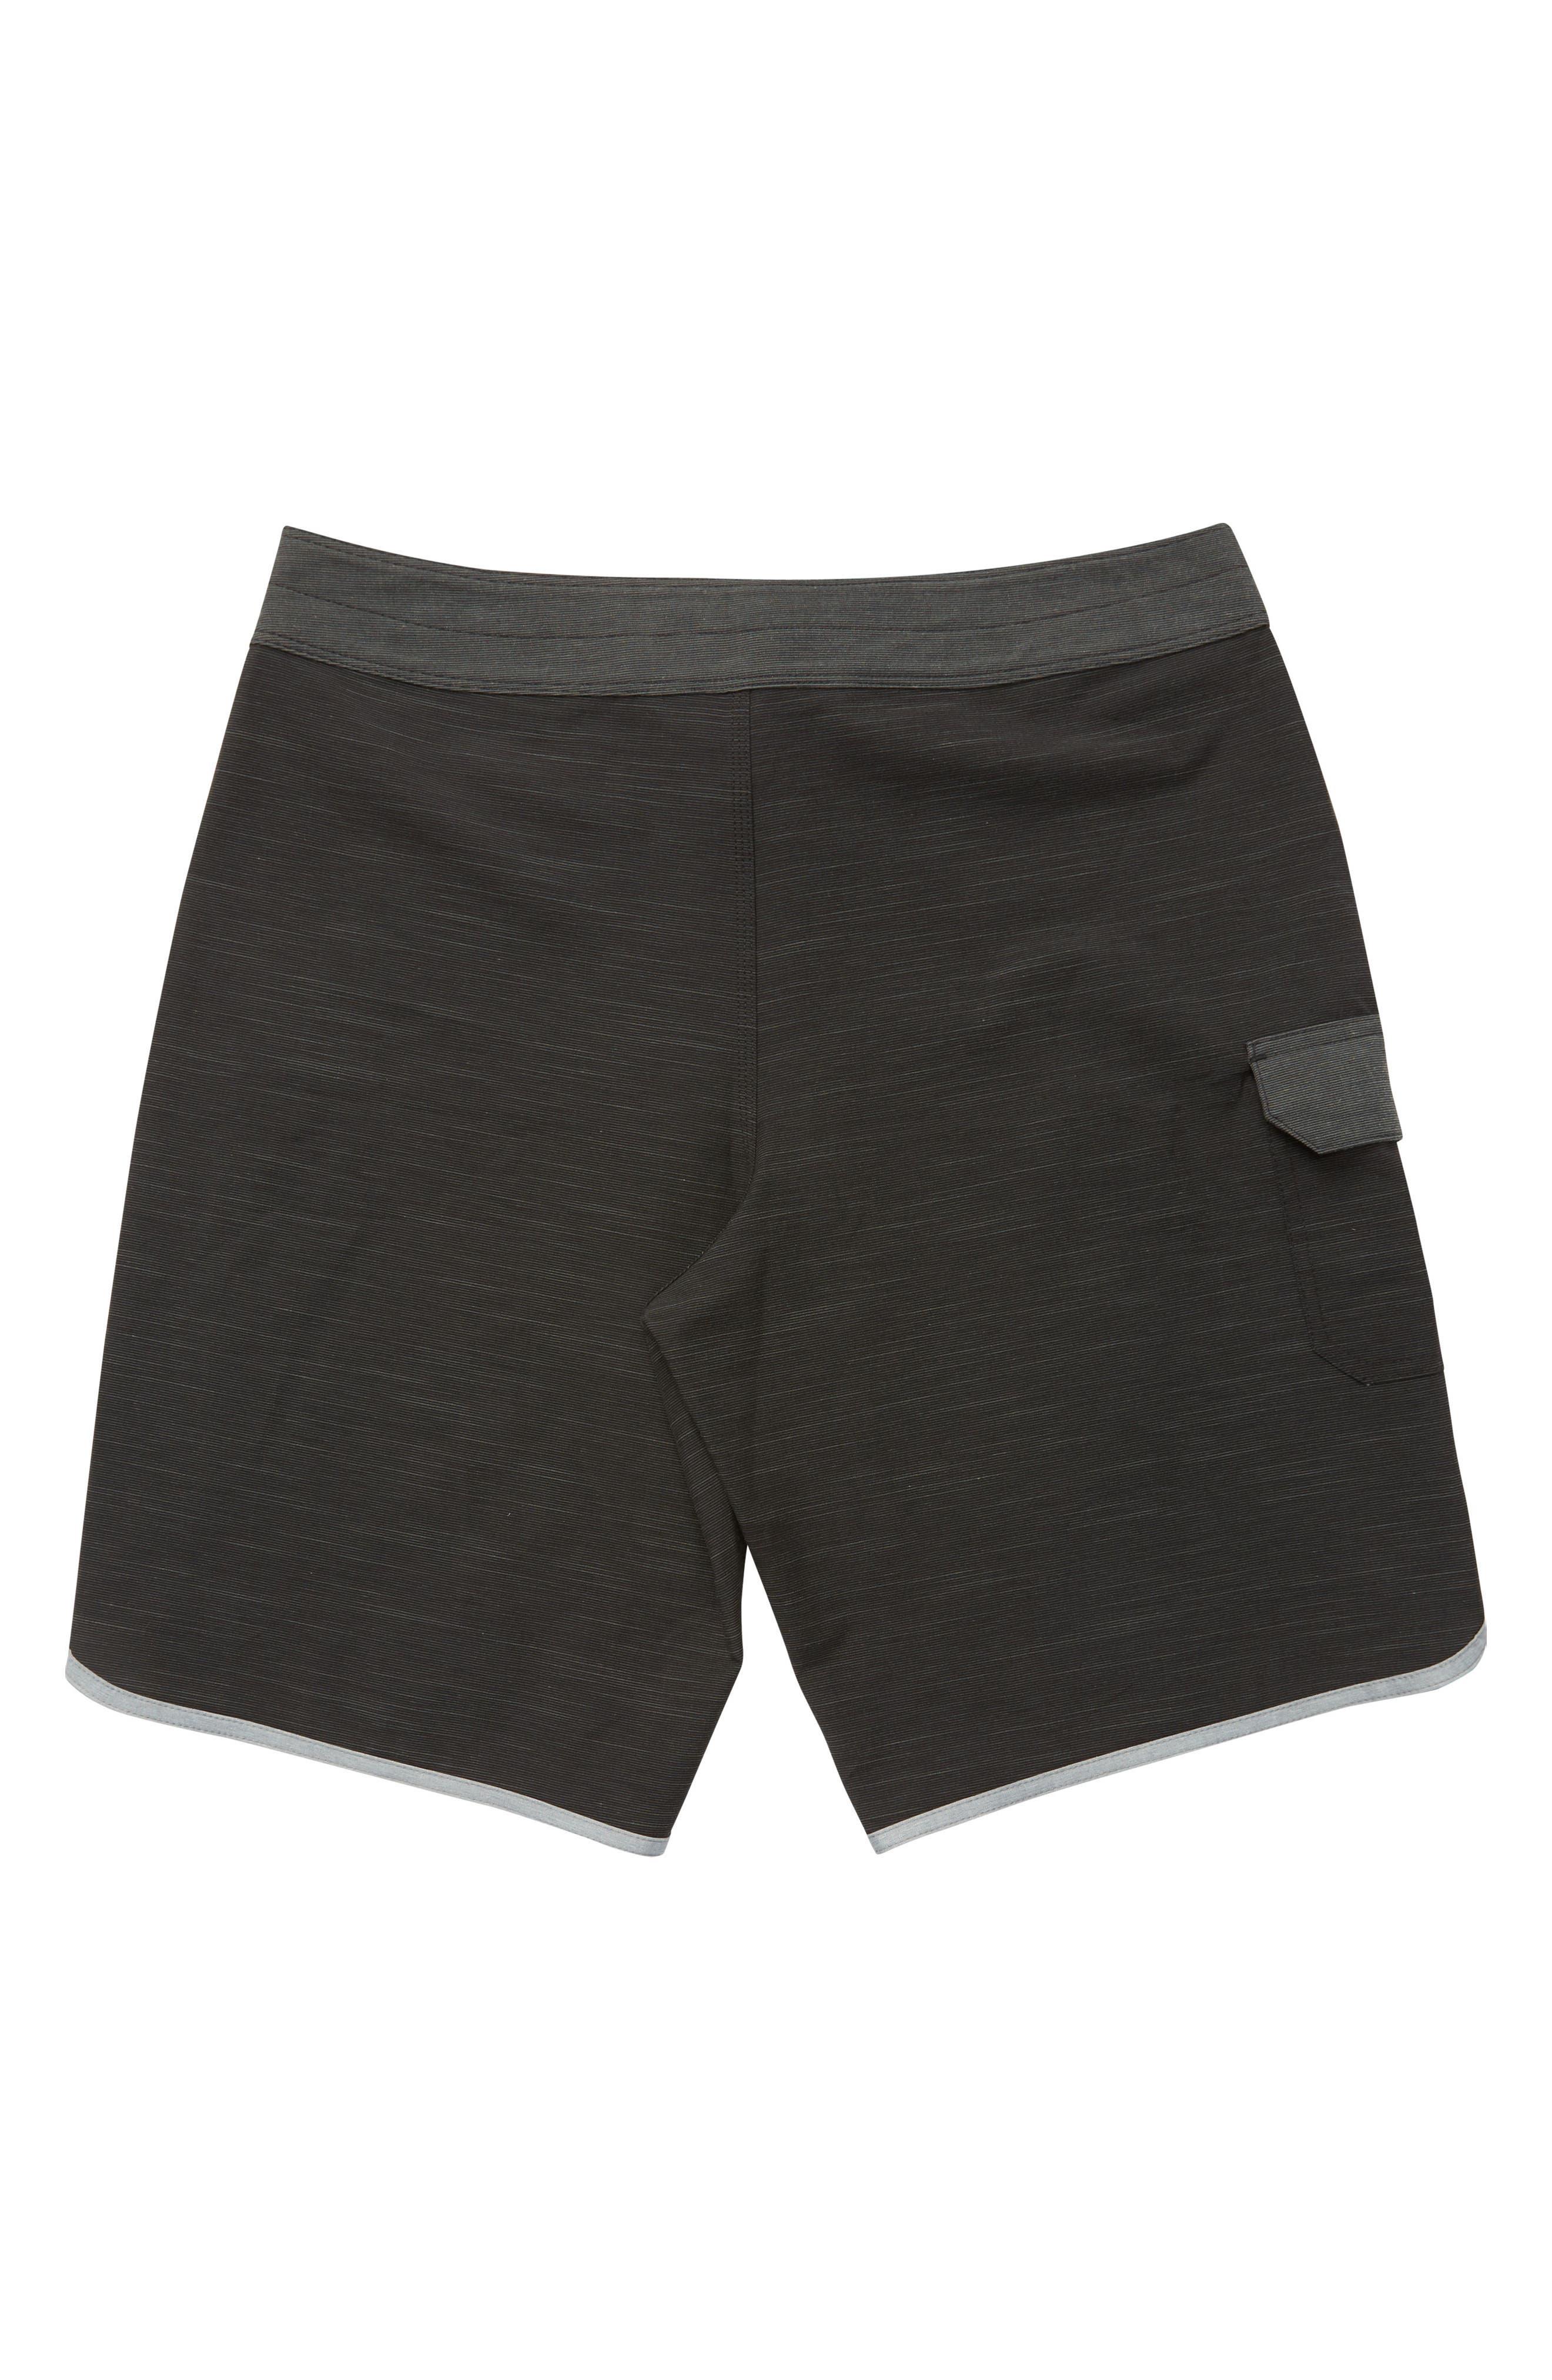 73 X Board Shorts,                             Alternate thumbnail 2, color,                             Black